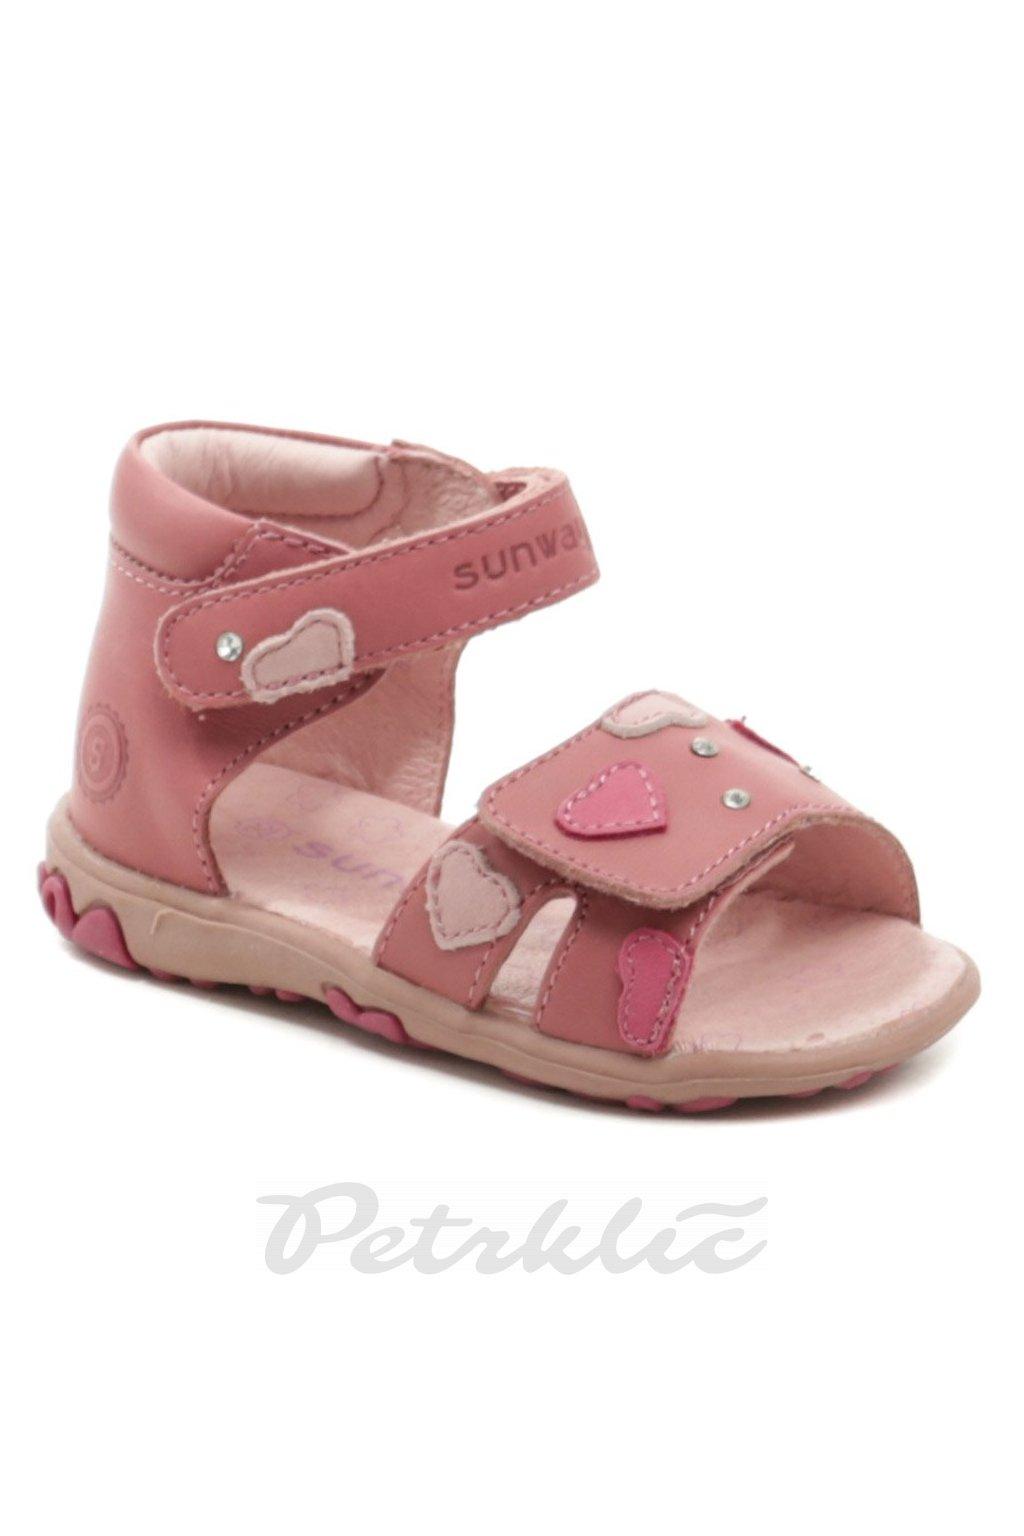 Sunway 1S6938 růžové dívčí sandálky